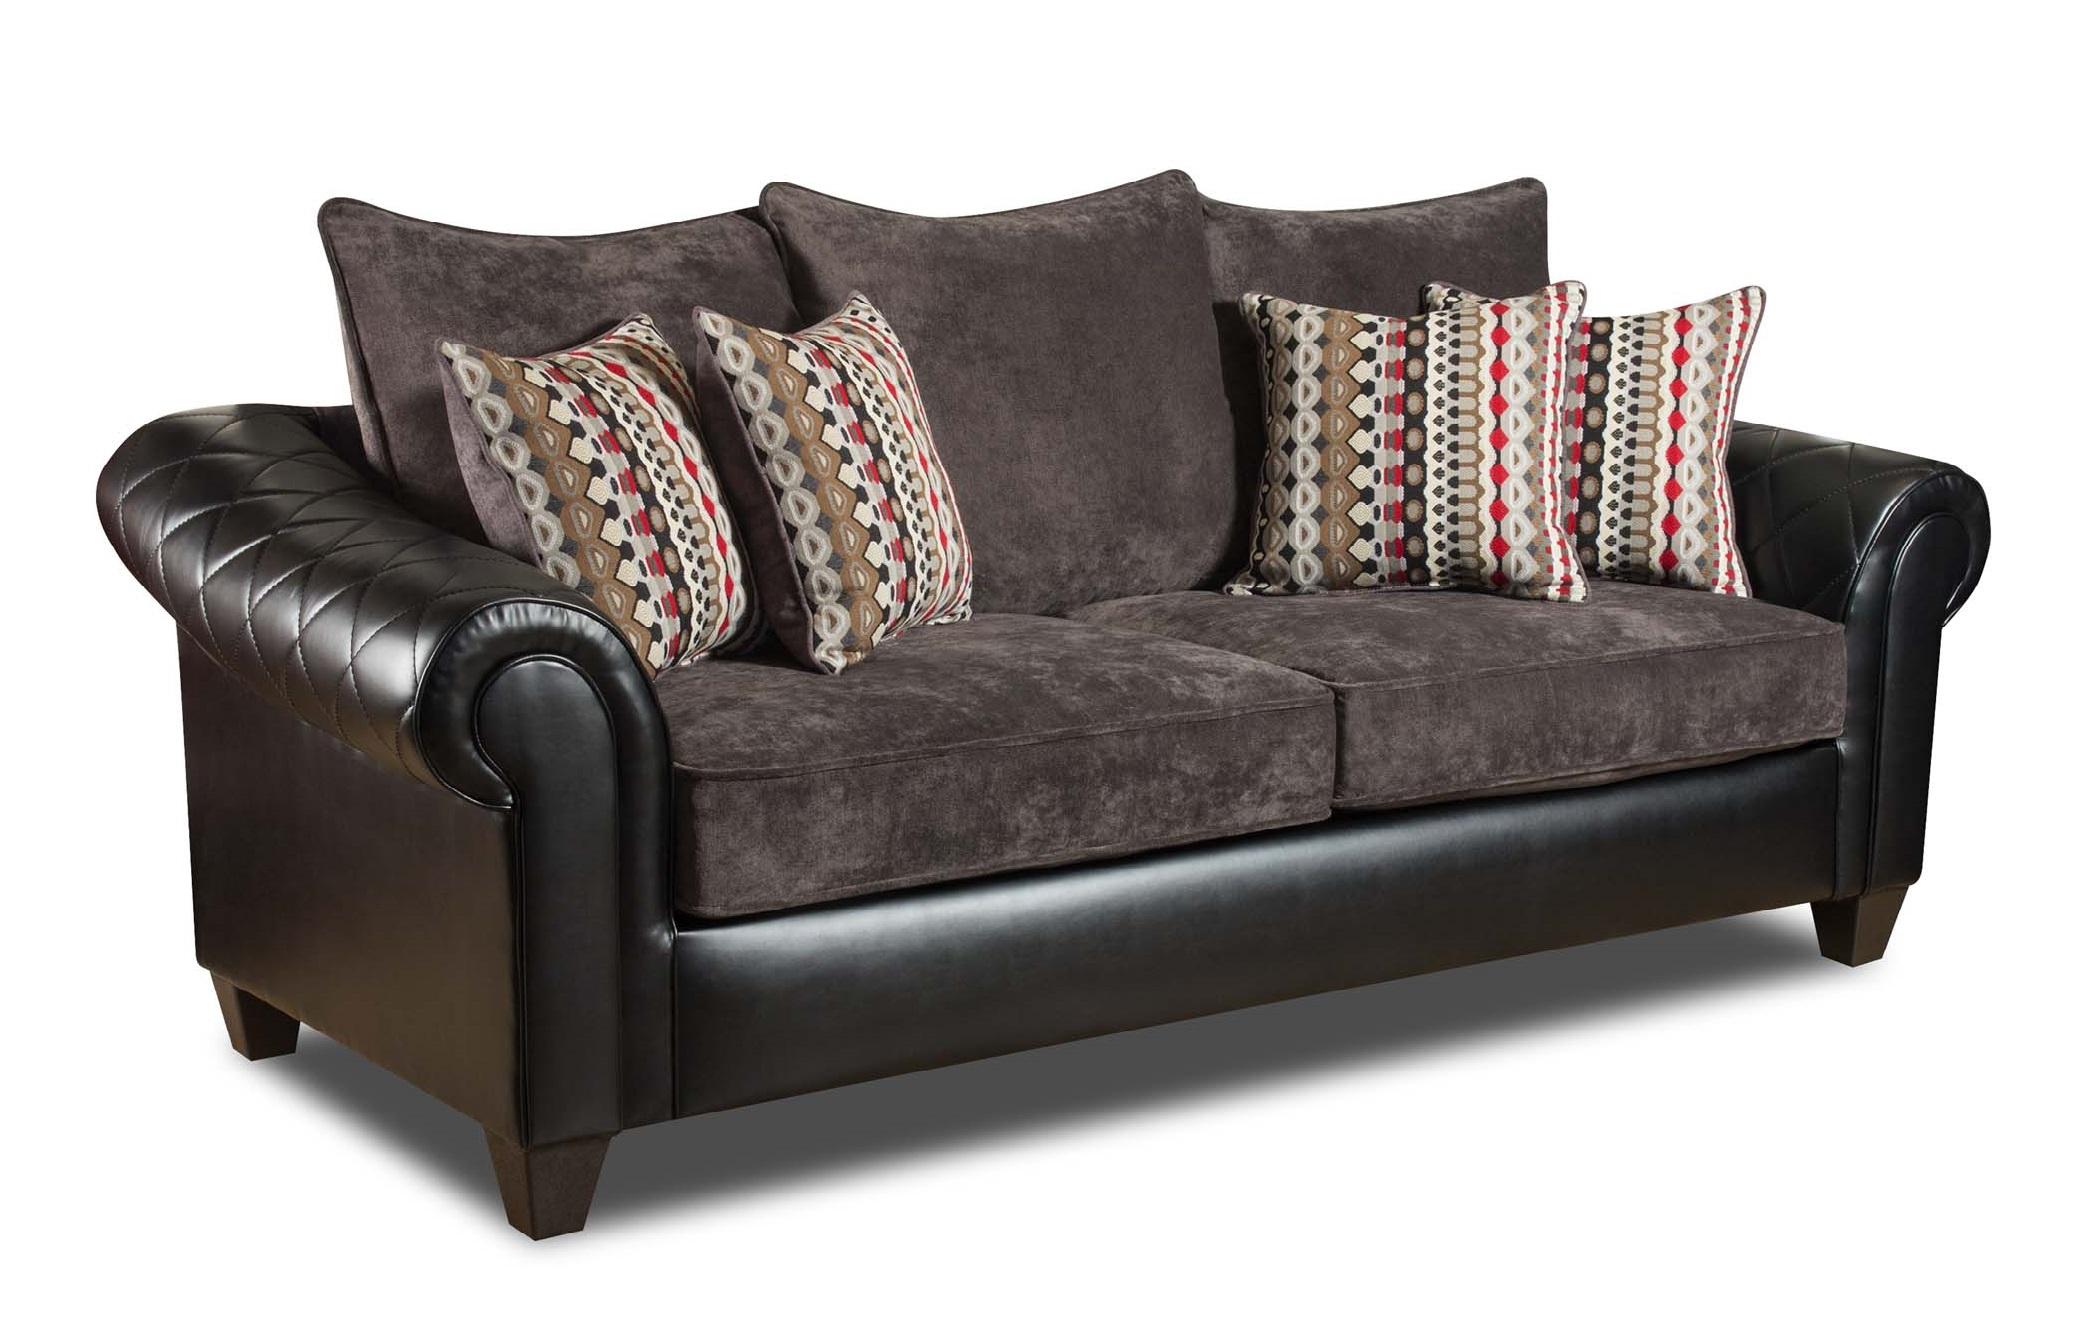 Furniture Coupon Code Mega Deals And Coupons